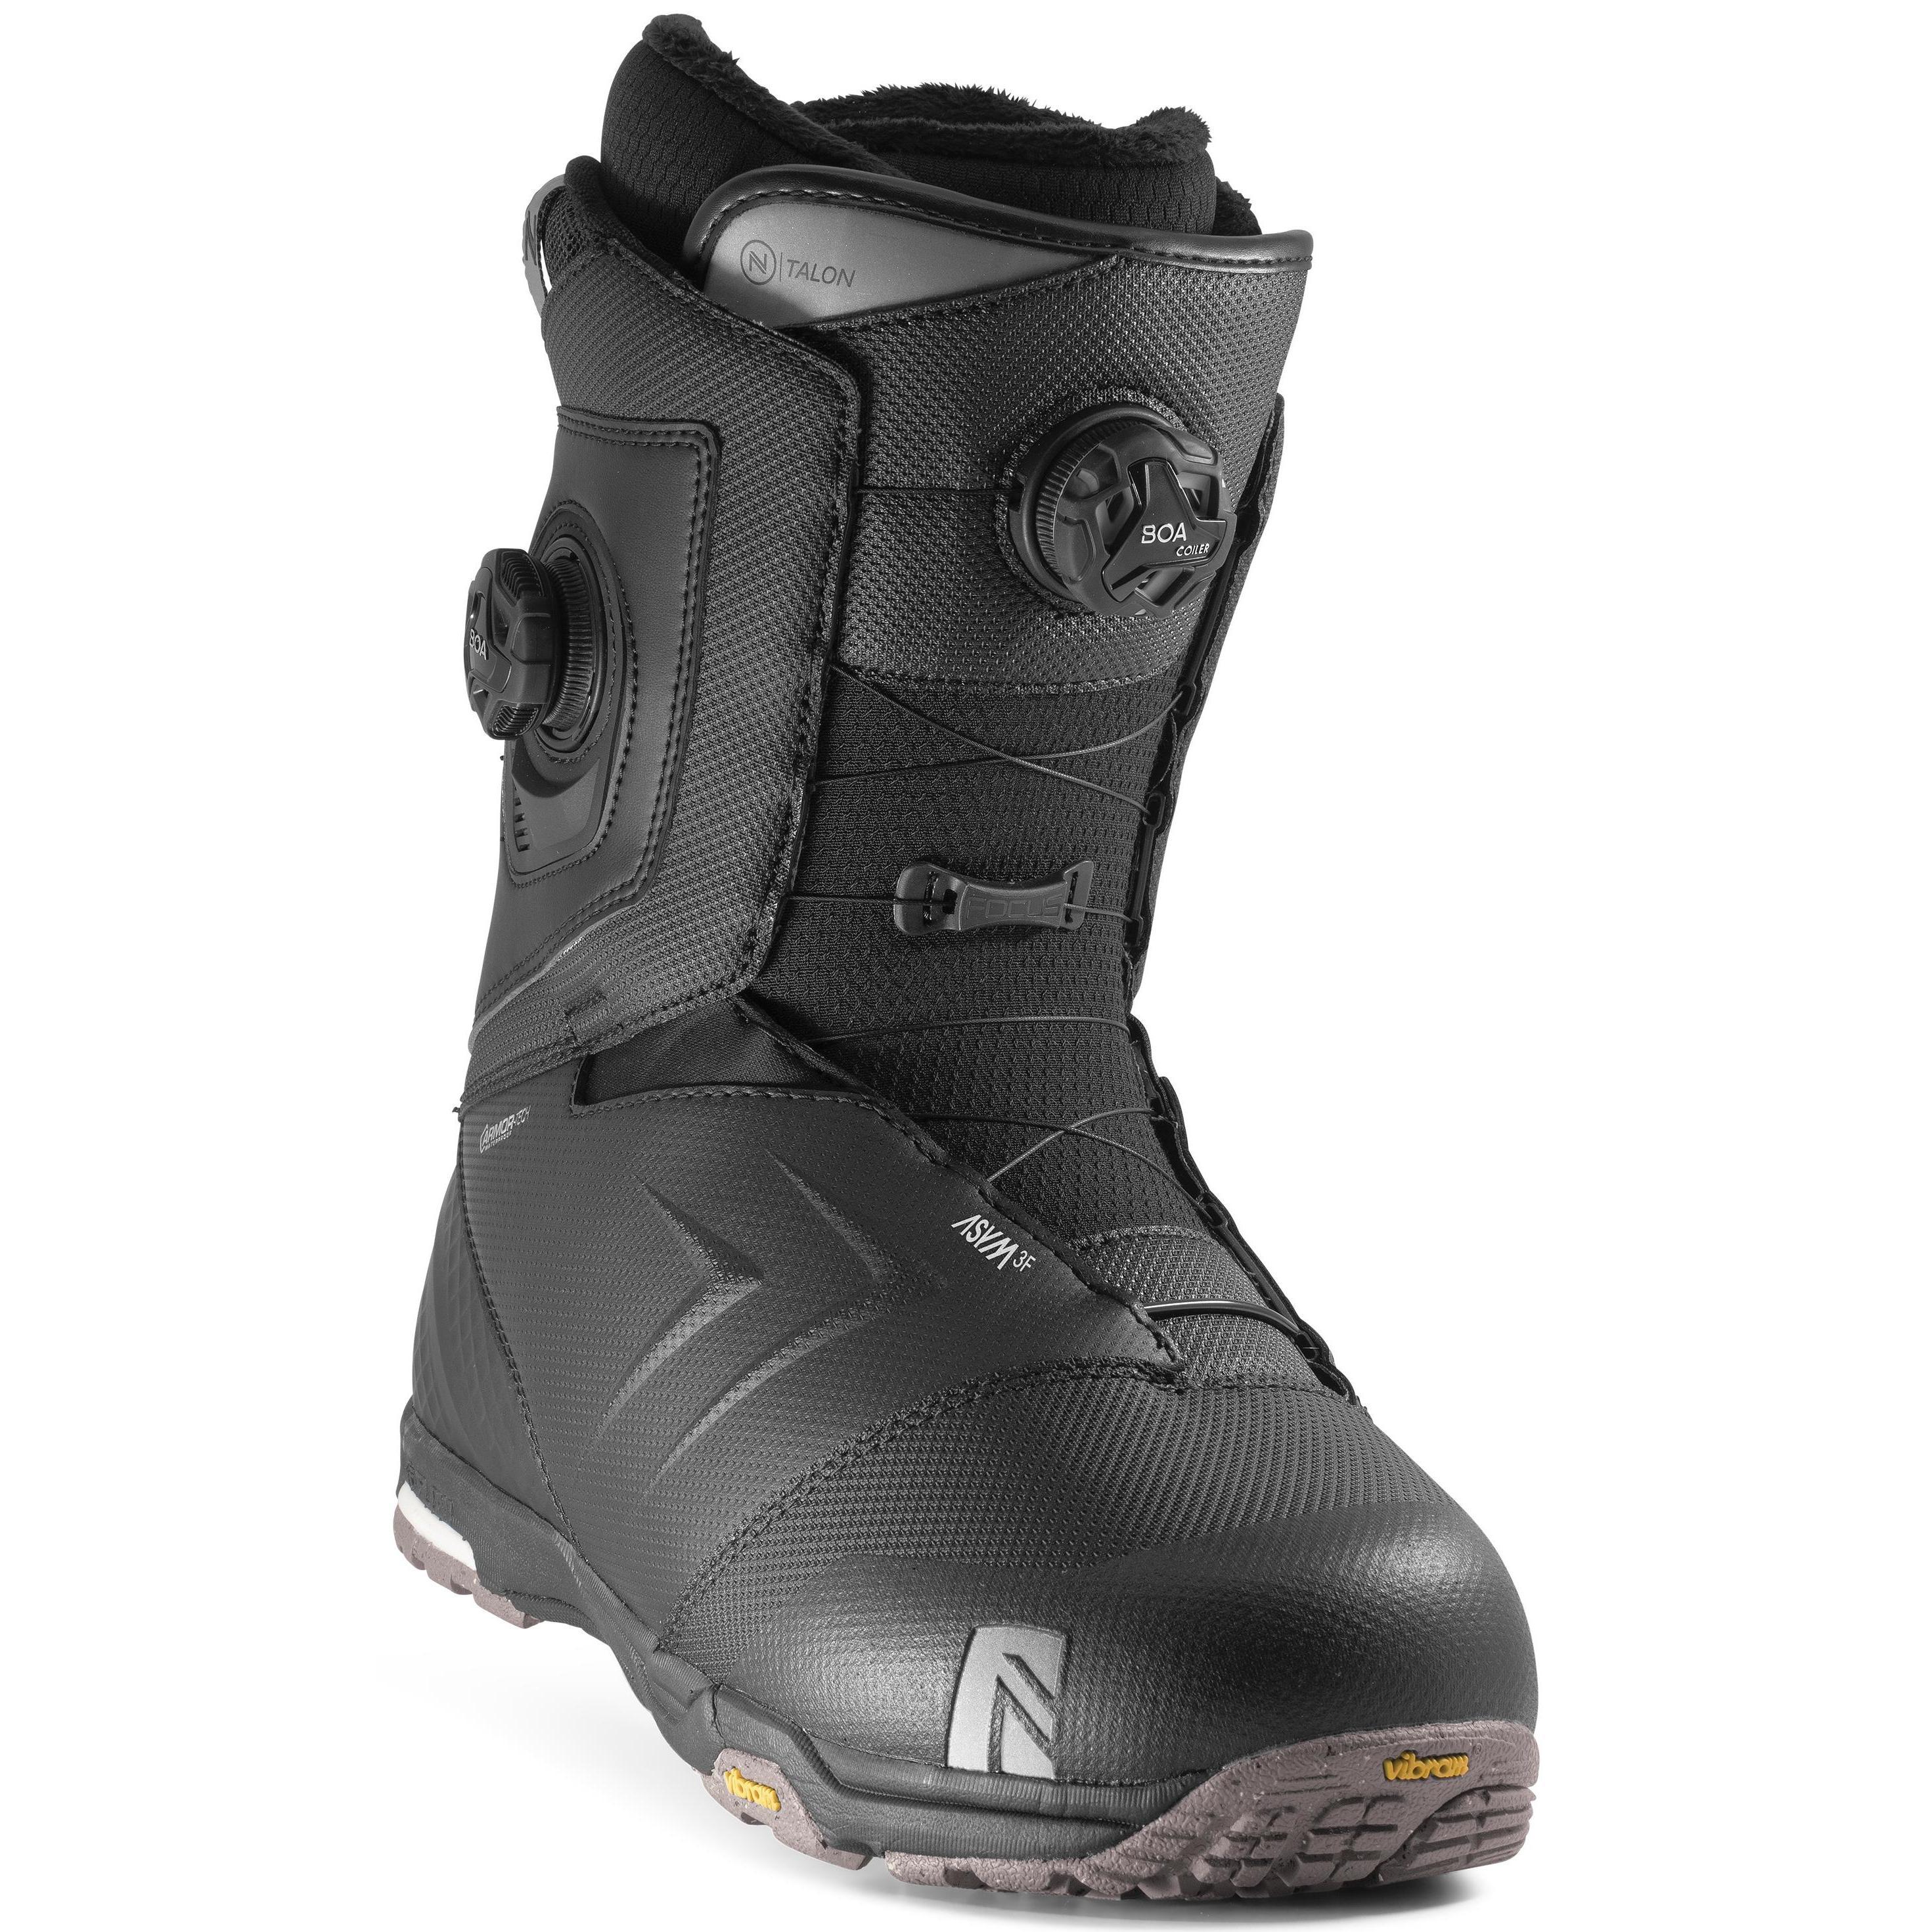 Ботинки для сноуборда Nidecker Talon 2020, black, 28